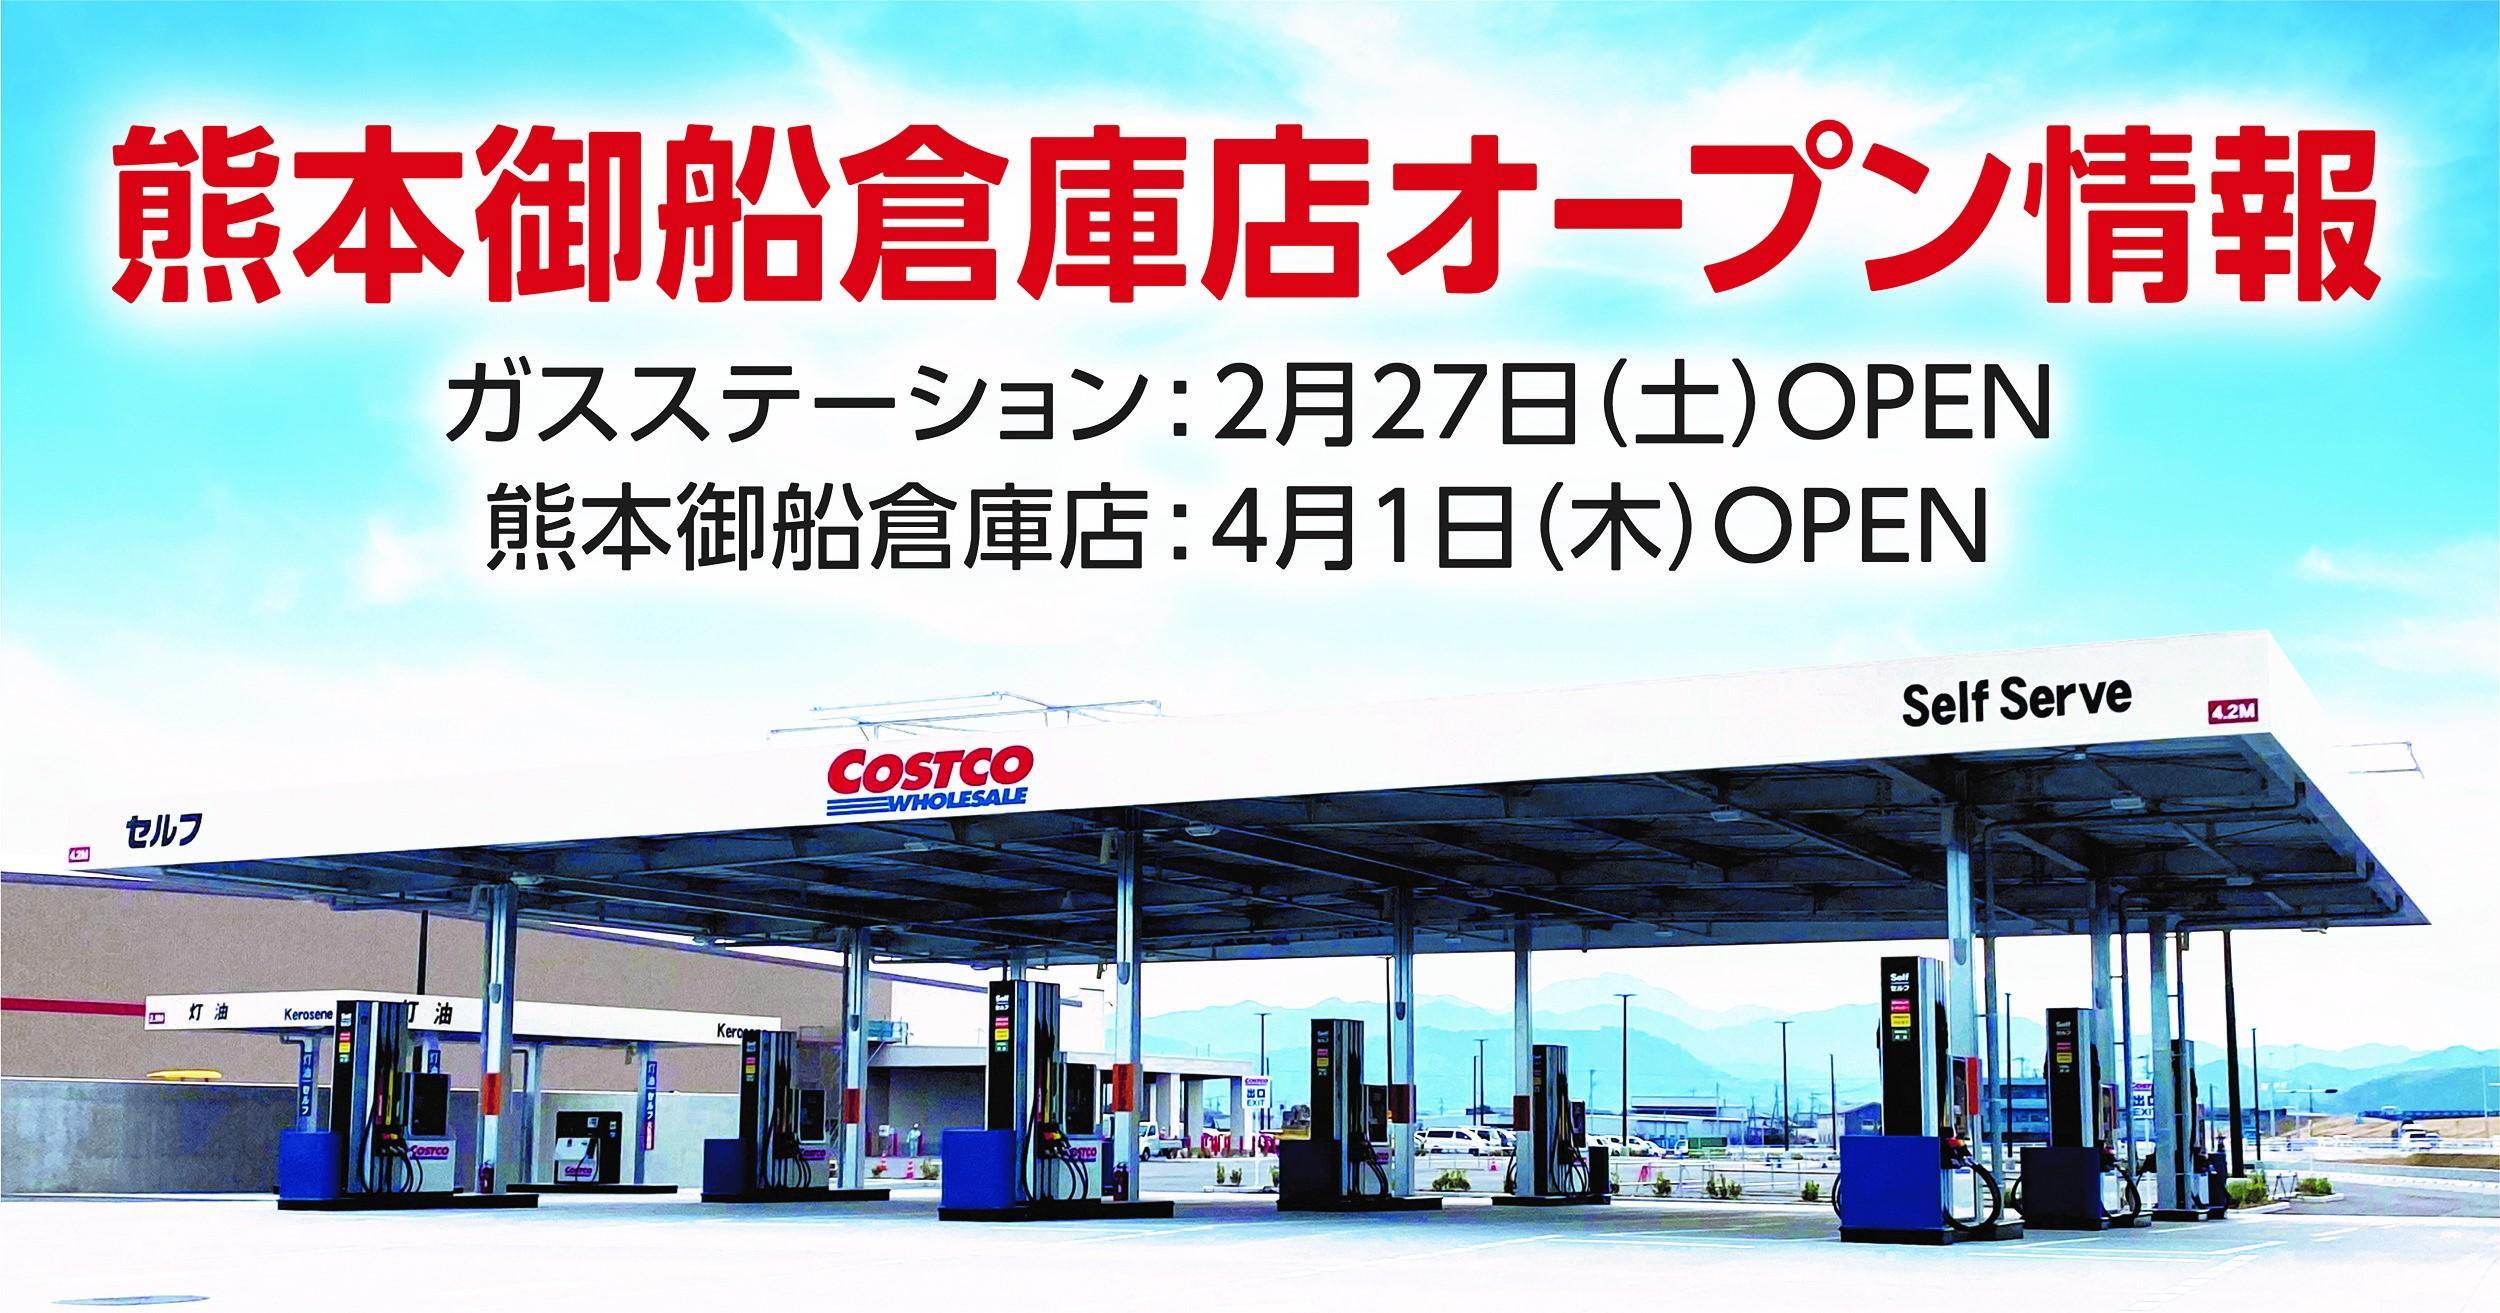 コストコ「熊本御船倉庫店」のガソリンスタンド